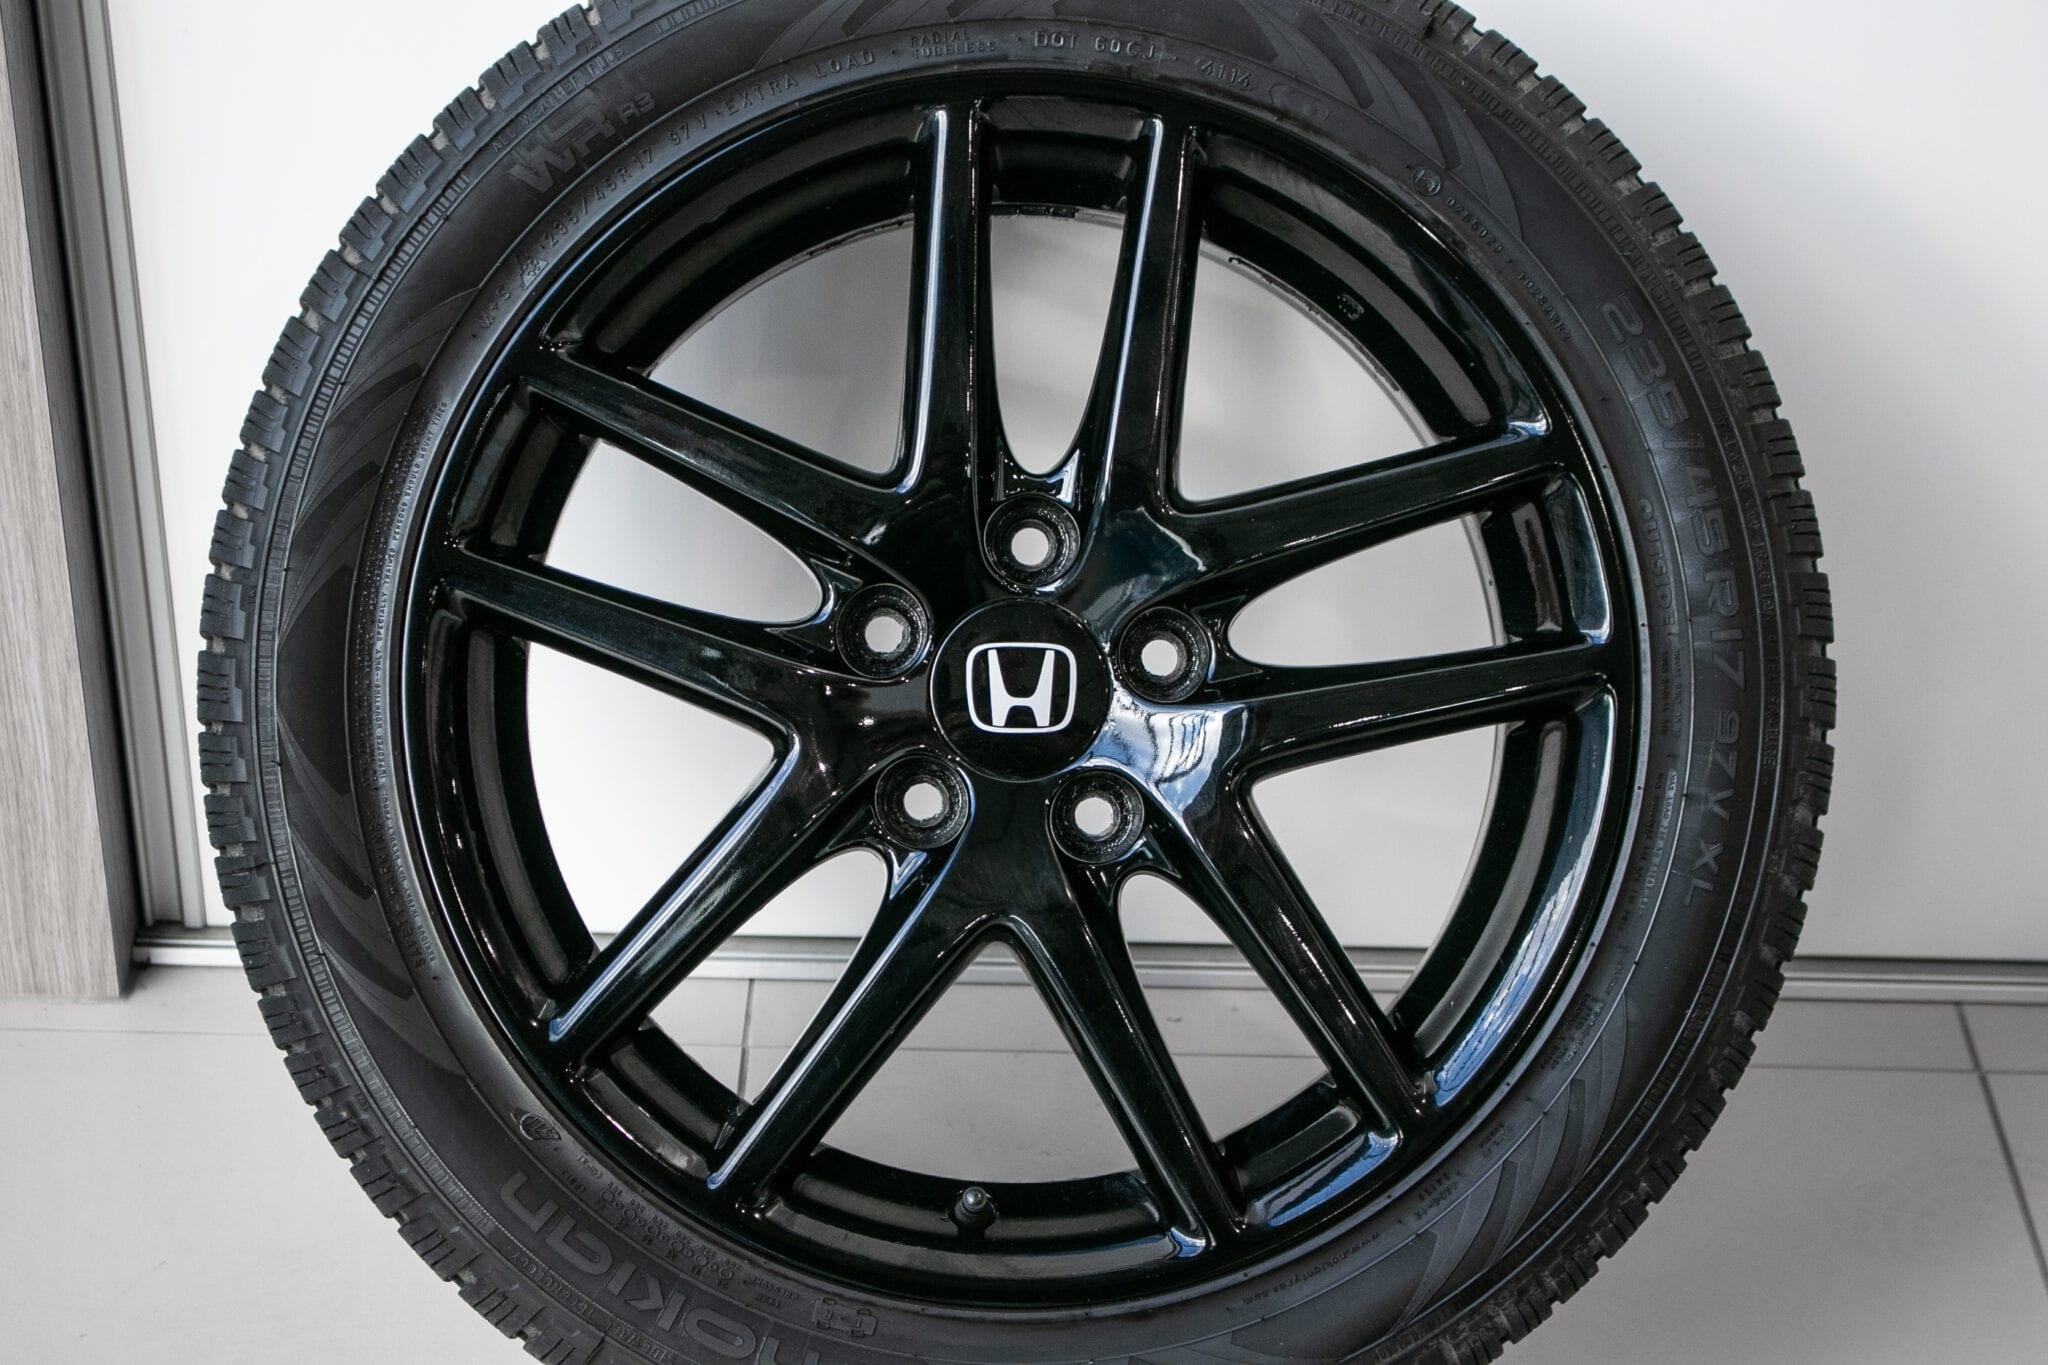 """17"""" Winterwielen voor de Honda Civic ('17-'20) €599,- Gebruikt. Profieldiepte: 6.8mm - 7.0mm"""